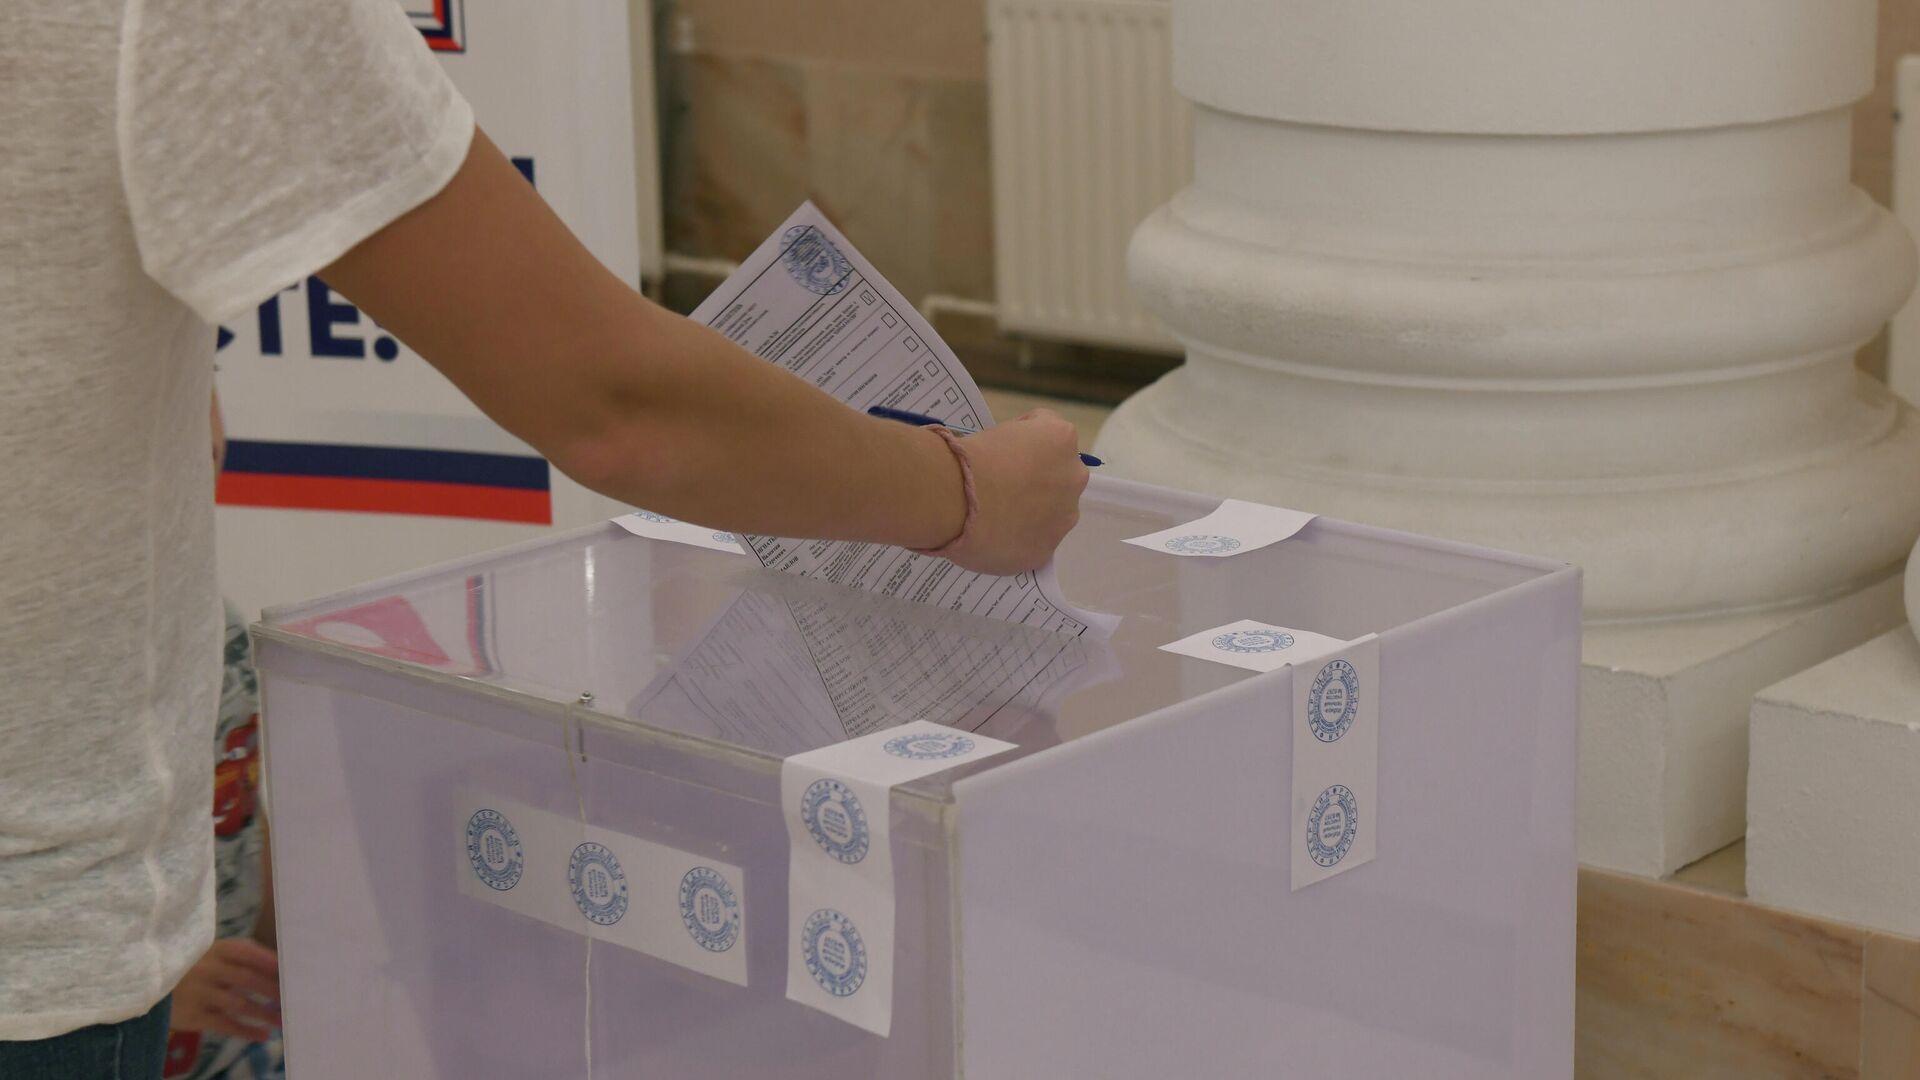 Голосование на выборах в Госдуму РФ в Ташкенте - Sputnik Узбекистан, 1920, 26.09.2021